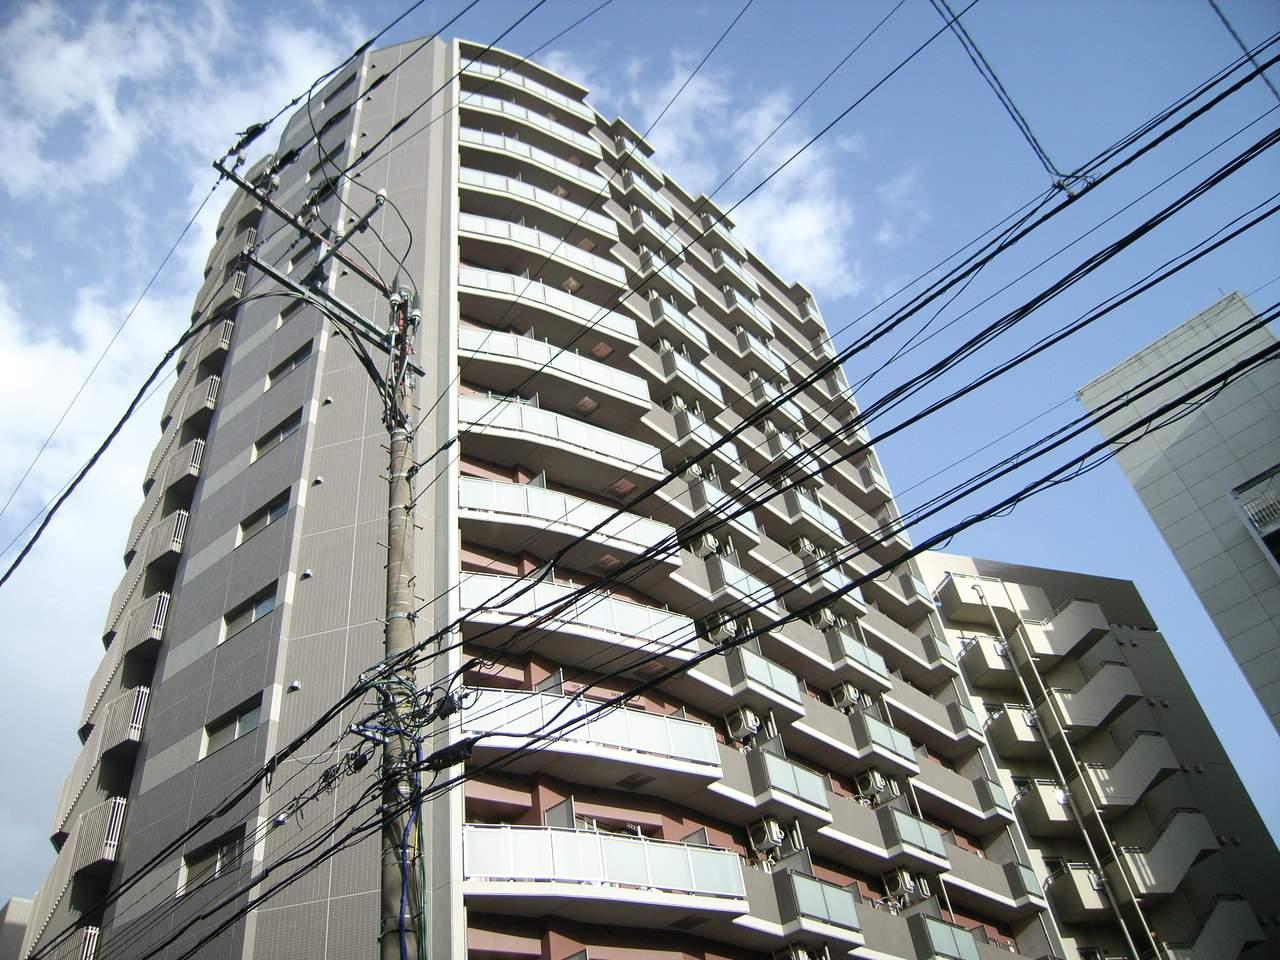 千葉県千葉市中央区、千葉駅徒歩13分の築9年 15階建の賃貸マンション